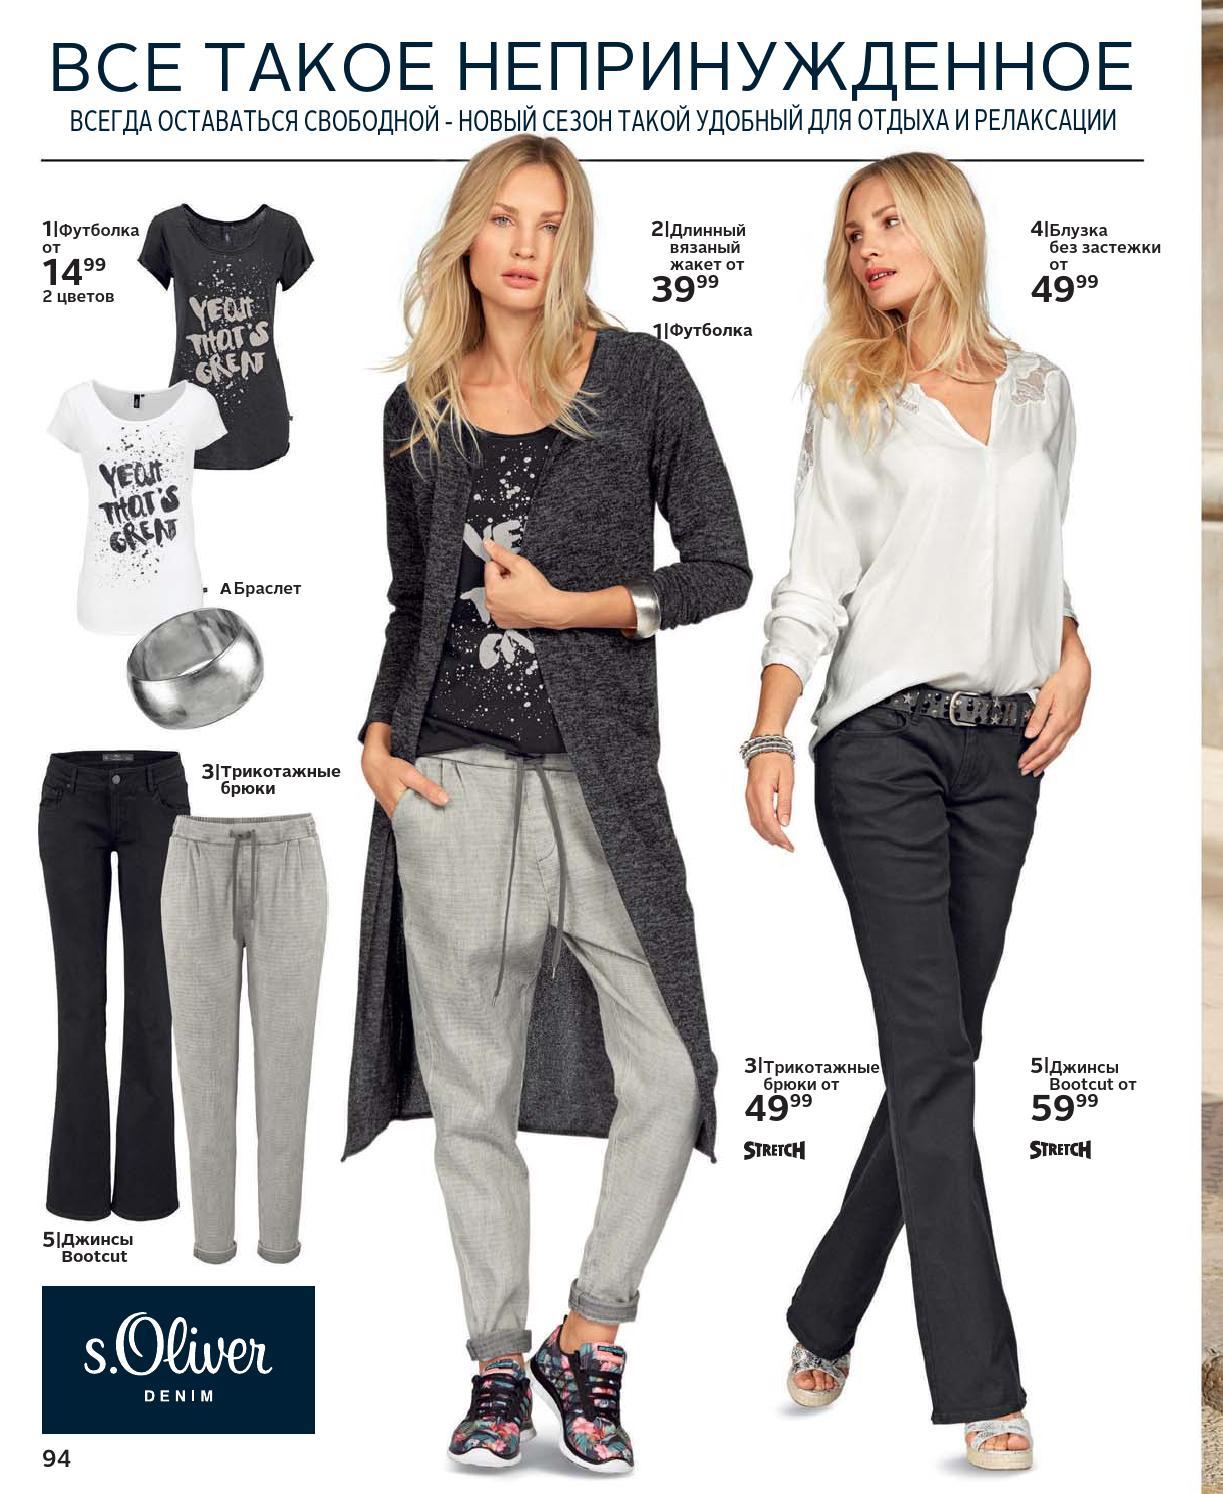 Каталоги Одежды Женской